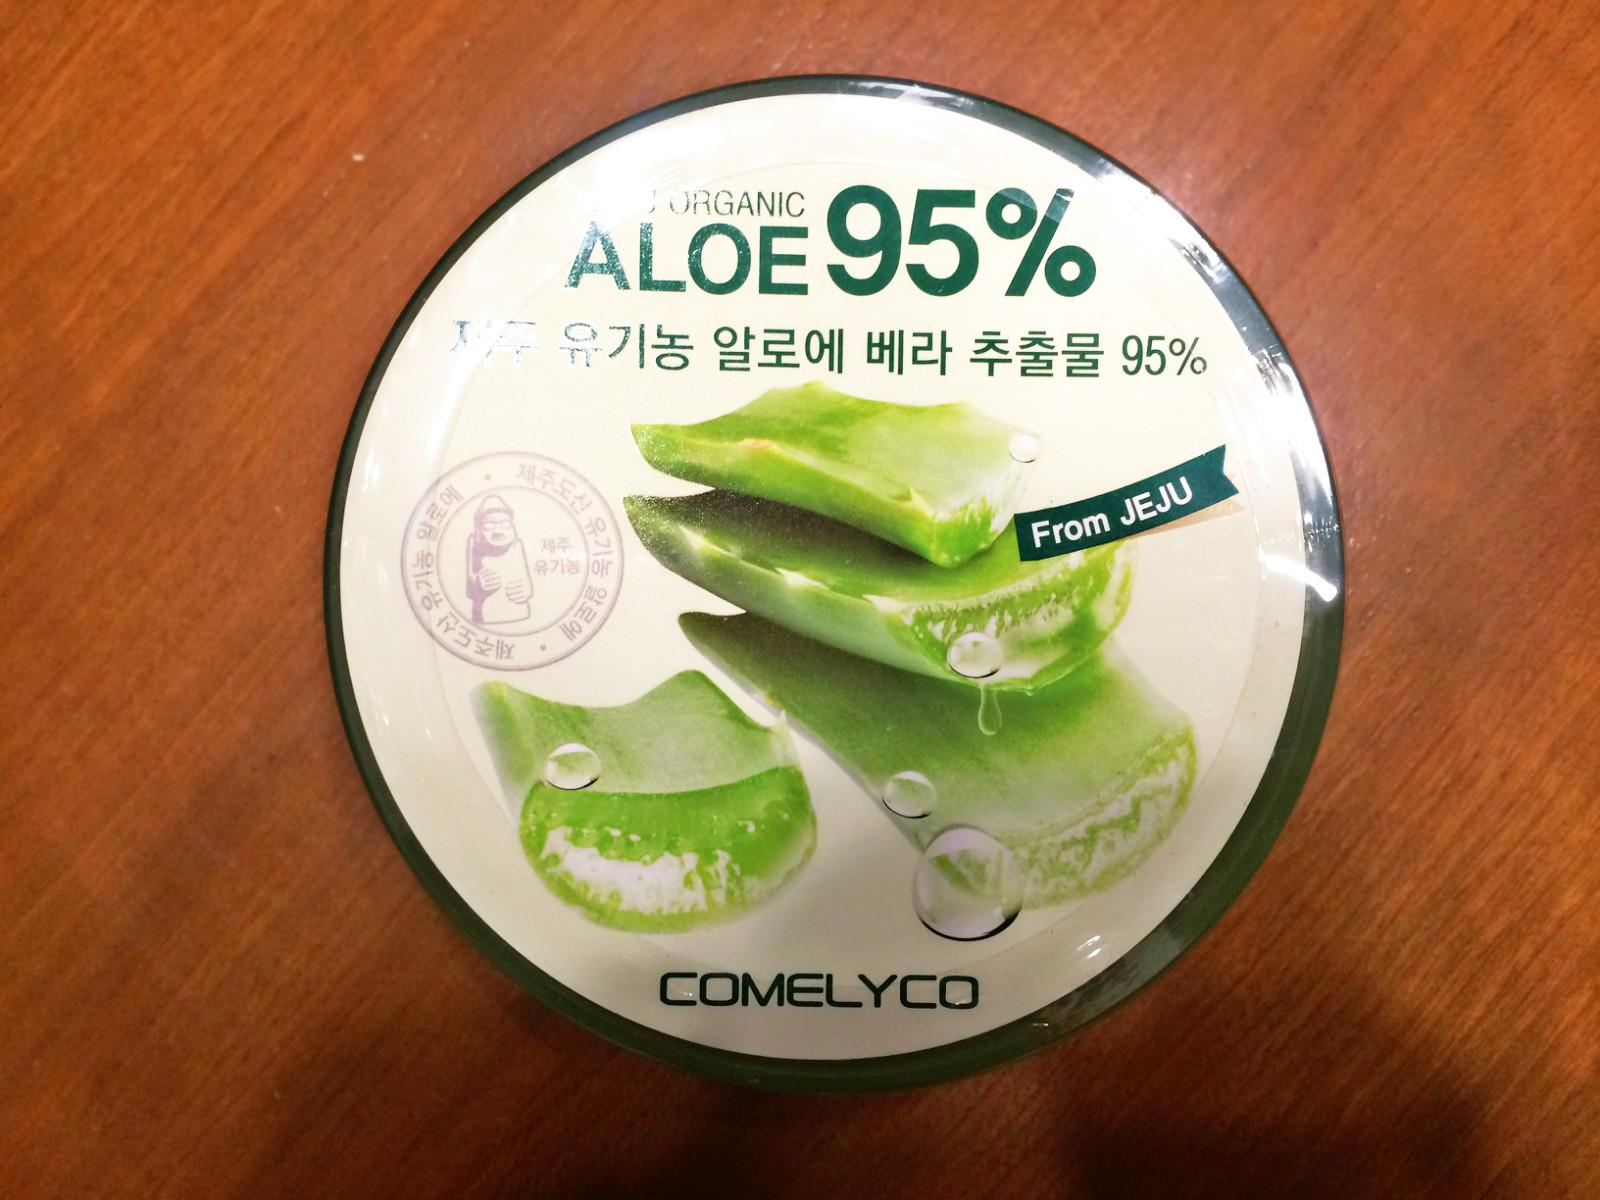 全身均可使用,含有95%济州岛有机农芦荟萃取物,全面改善脆弱肌肤,让